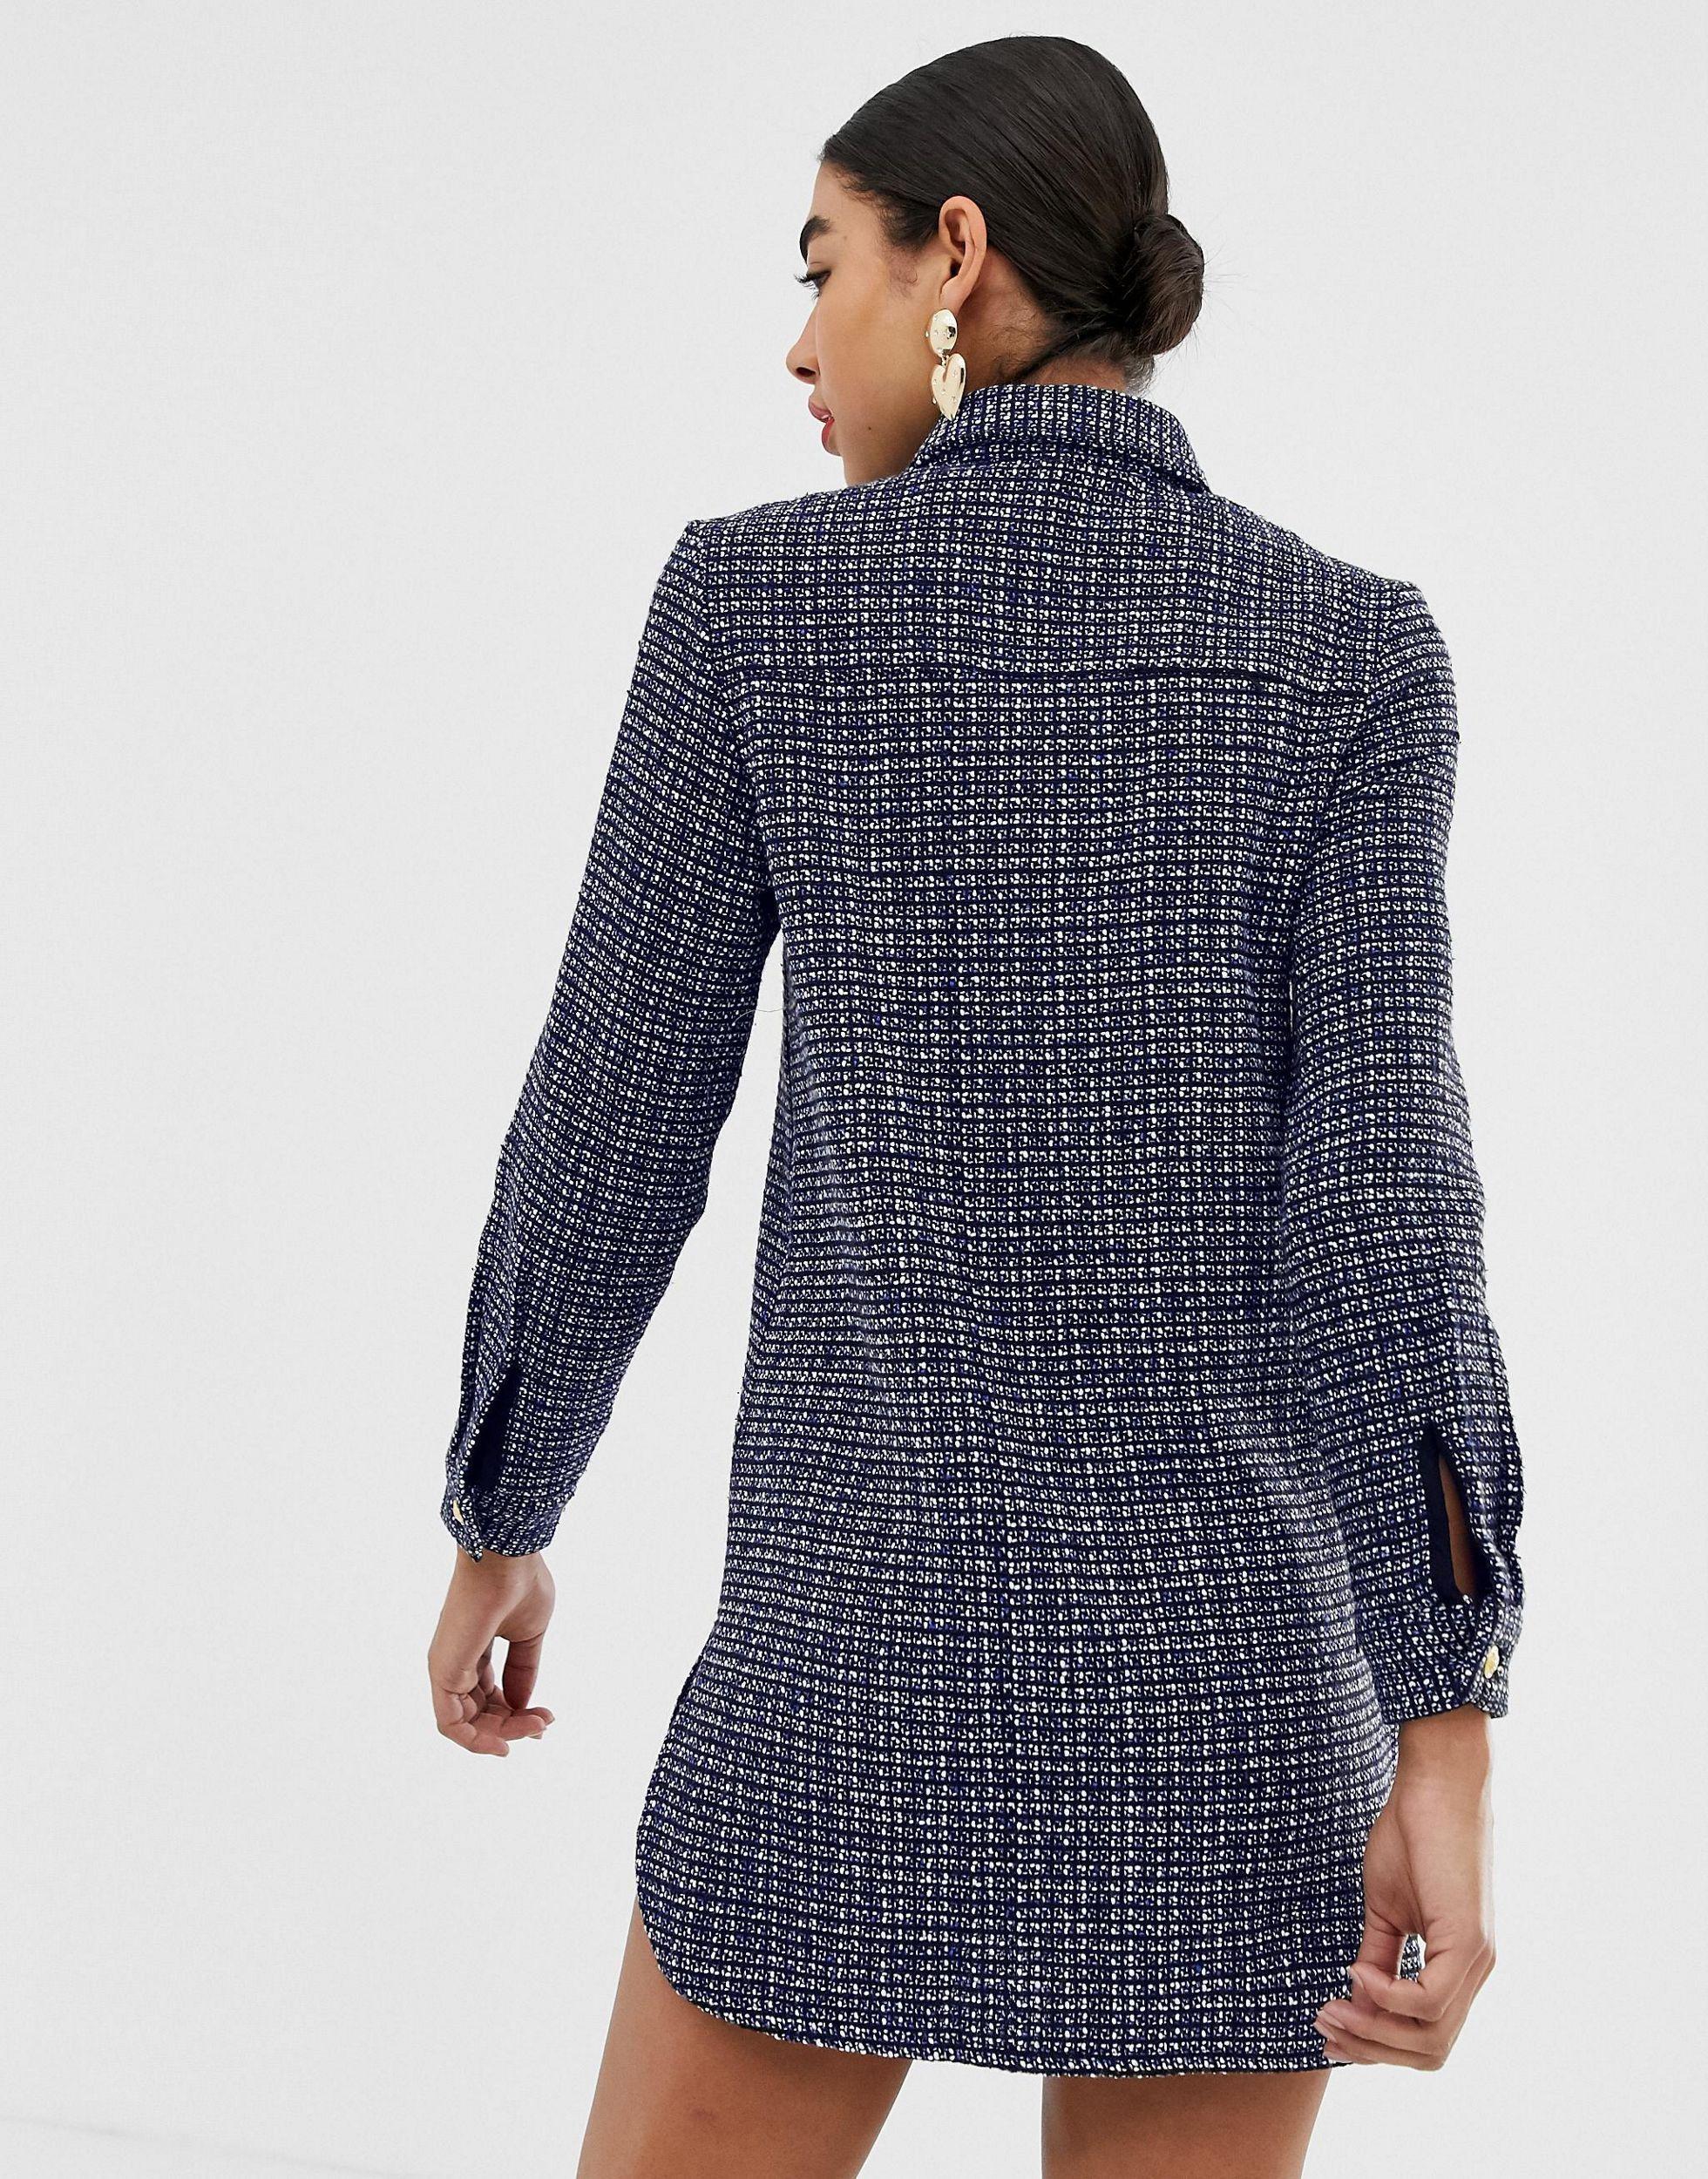 Robe chemise oversize en avec boutons dorés Synthétique UNIQUE21 en coloris Bleu